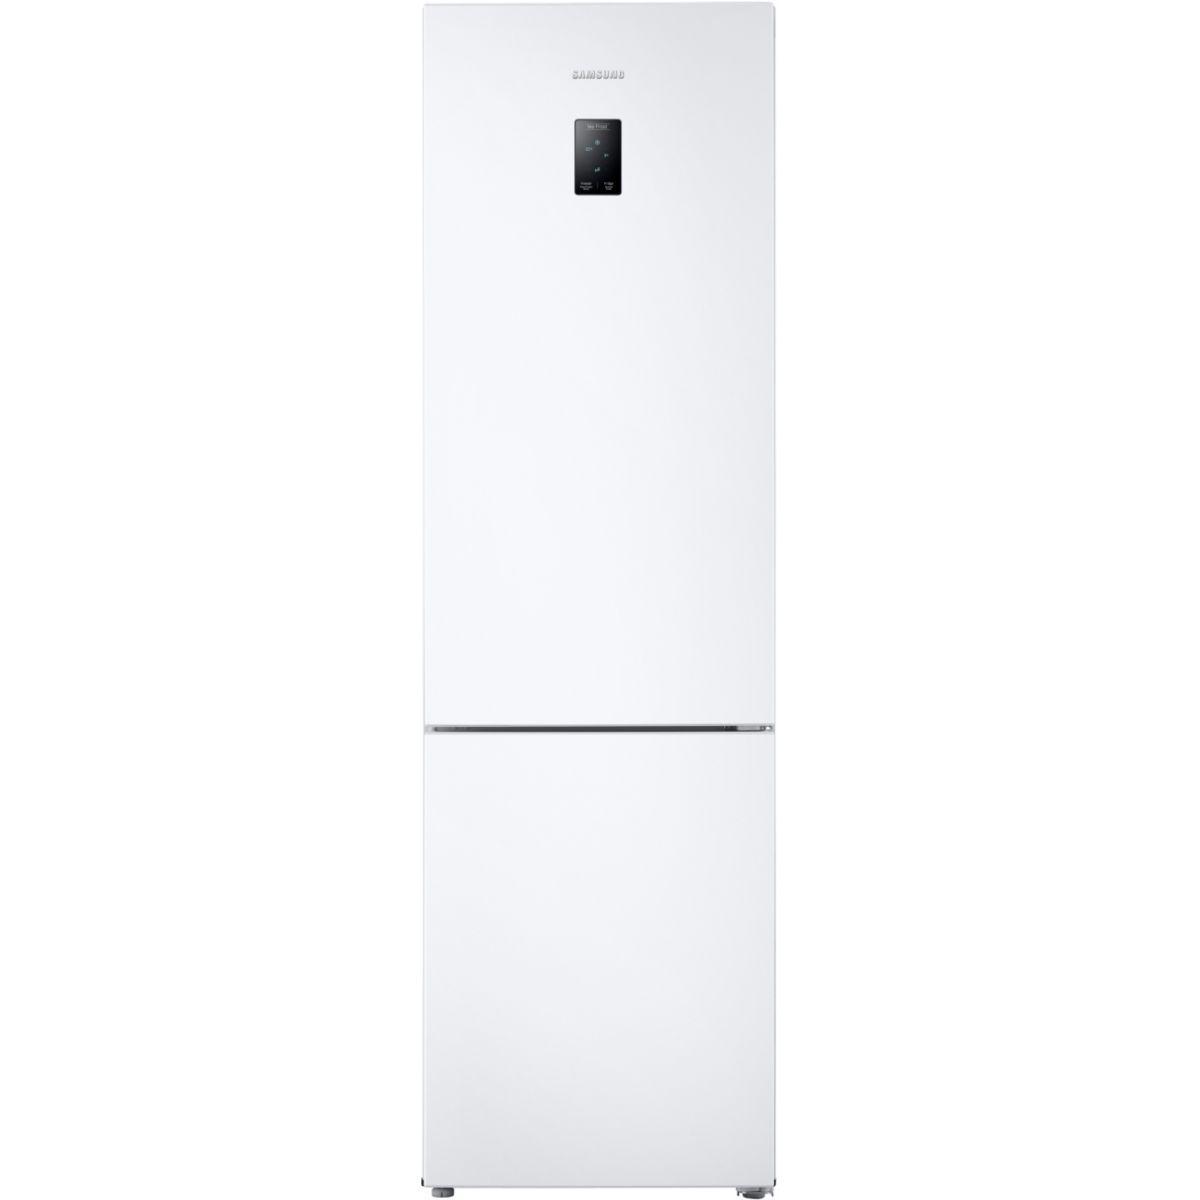 Réfrigérateur congélateur en bas samsung rb3ej5200ww - soldes et bonnes affaires à prix imbattables